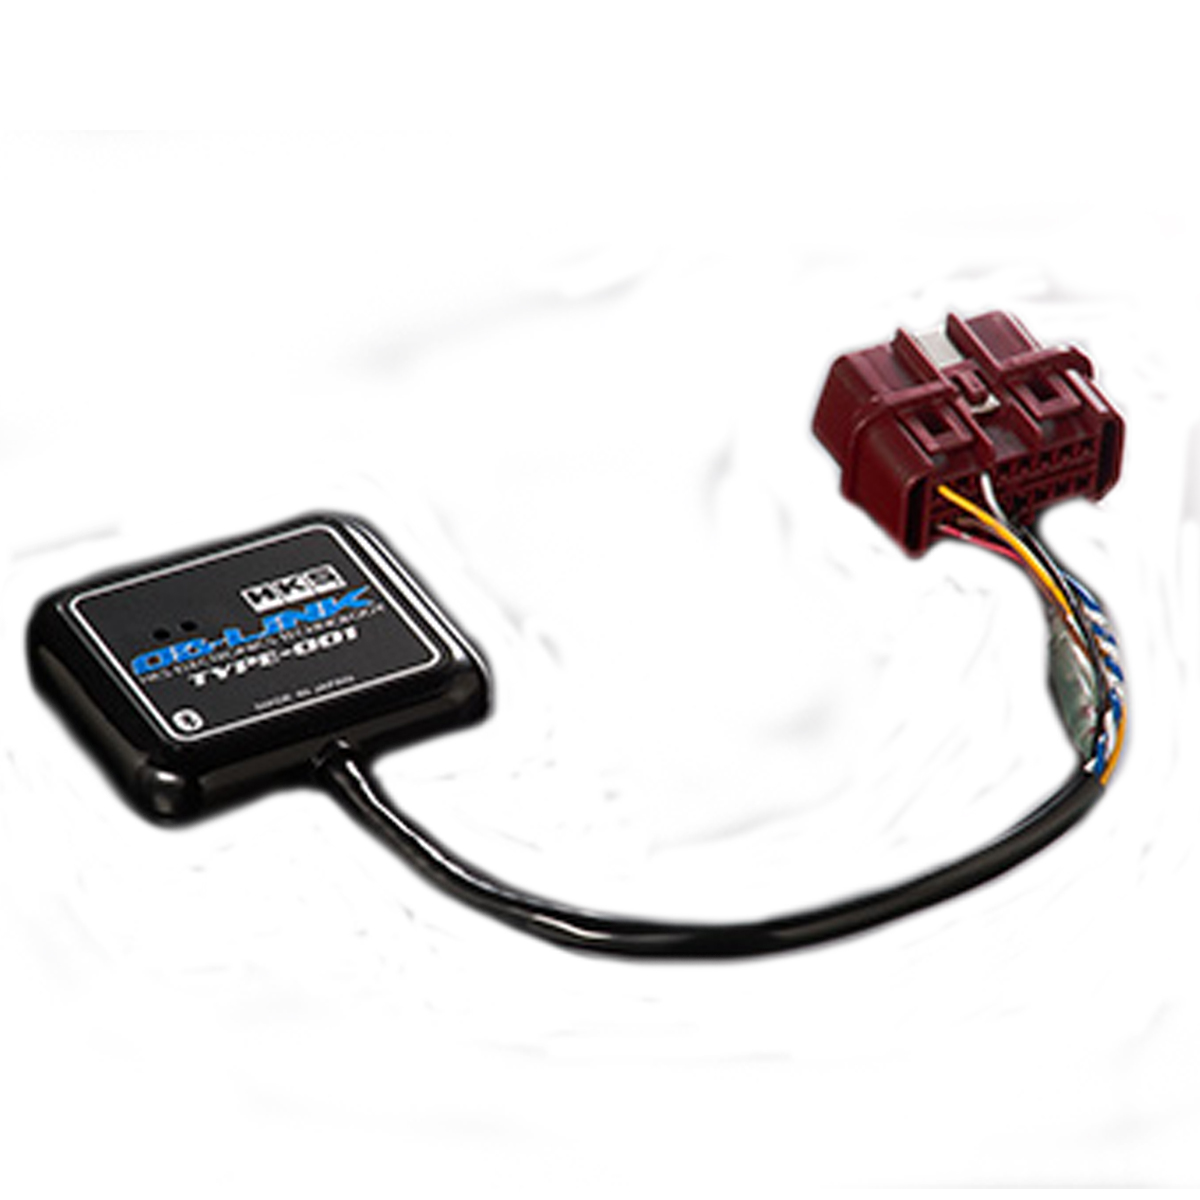 BMW モニター OBリンク タイプ 001 DT25/DS25 HKS 44009-AK002 エレクトリニクス